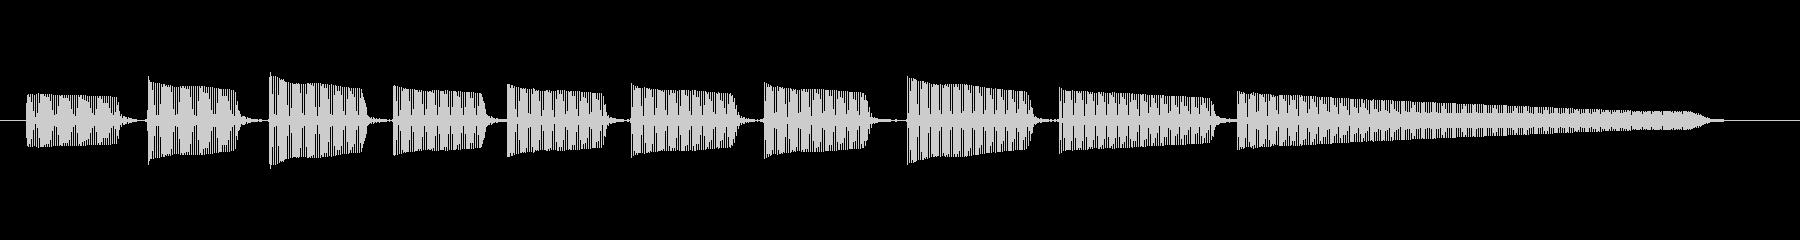 エレキギター4弦チューニング2の未再生の波形